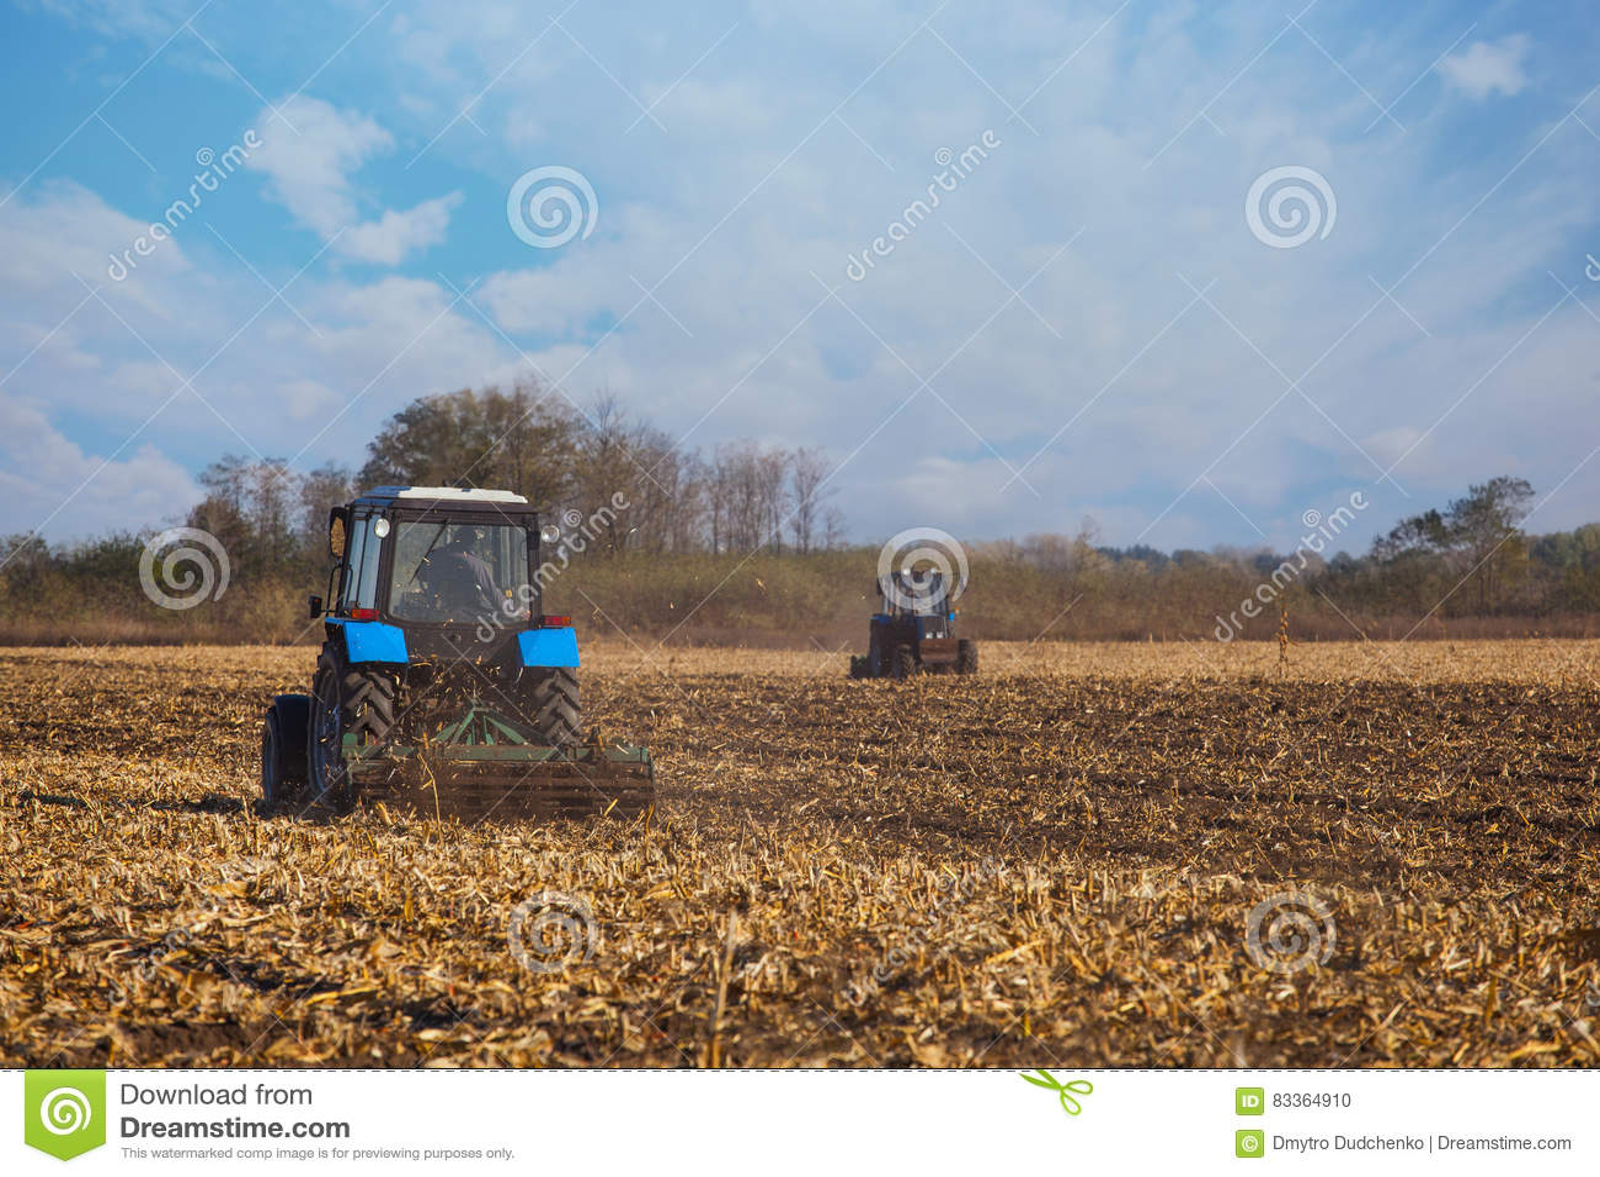 两大蓝色拖拉机犁在收获玉米庄稼以后犁了土地